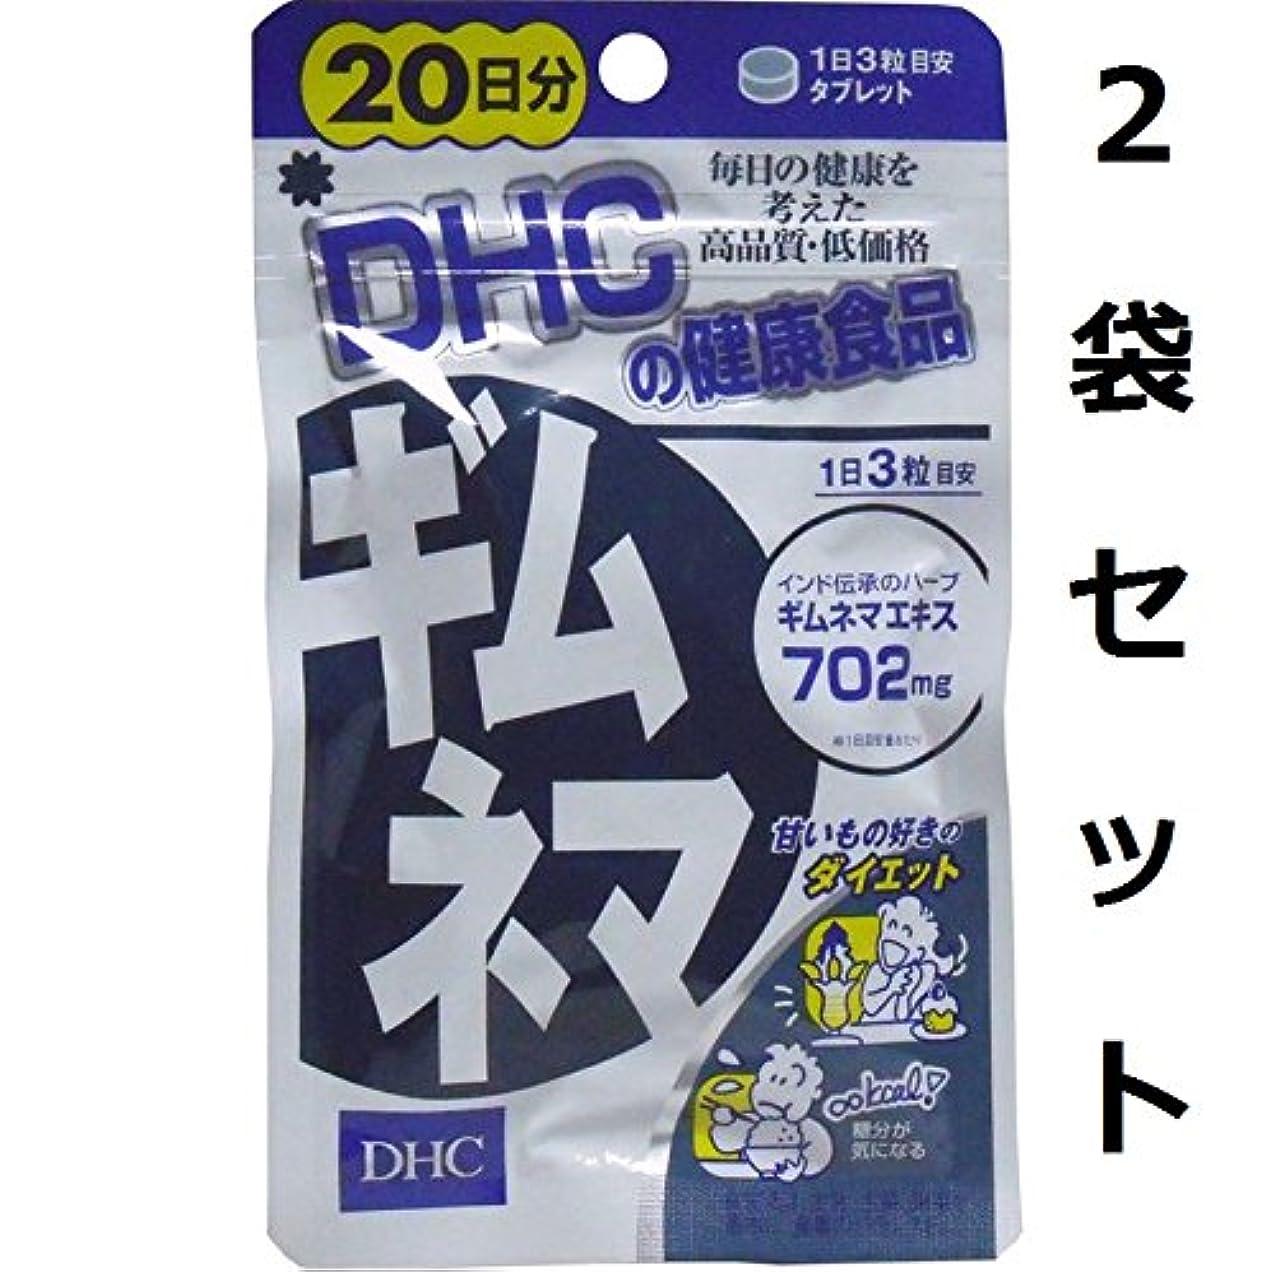 紛争復讐受取人糖分や炭水化物を多く摂る人に DHC ギムネマ 20日分 60粒 2袋セット